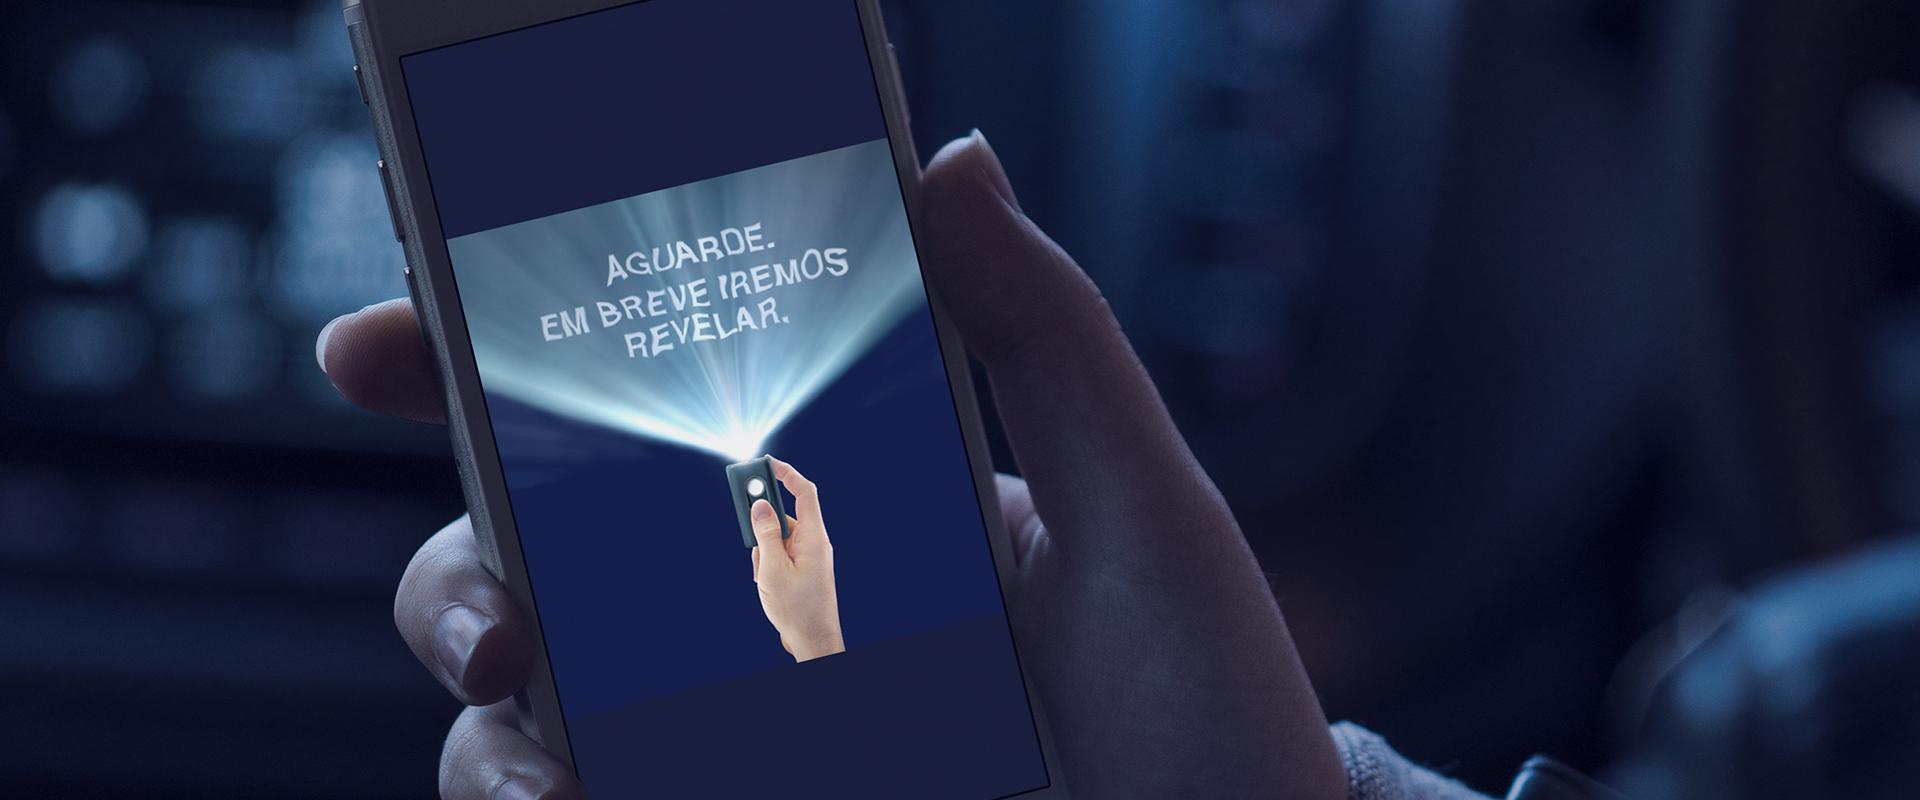 Reveal, a inovação da Nutron que evita decisões no escuro